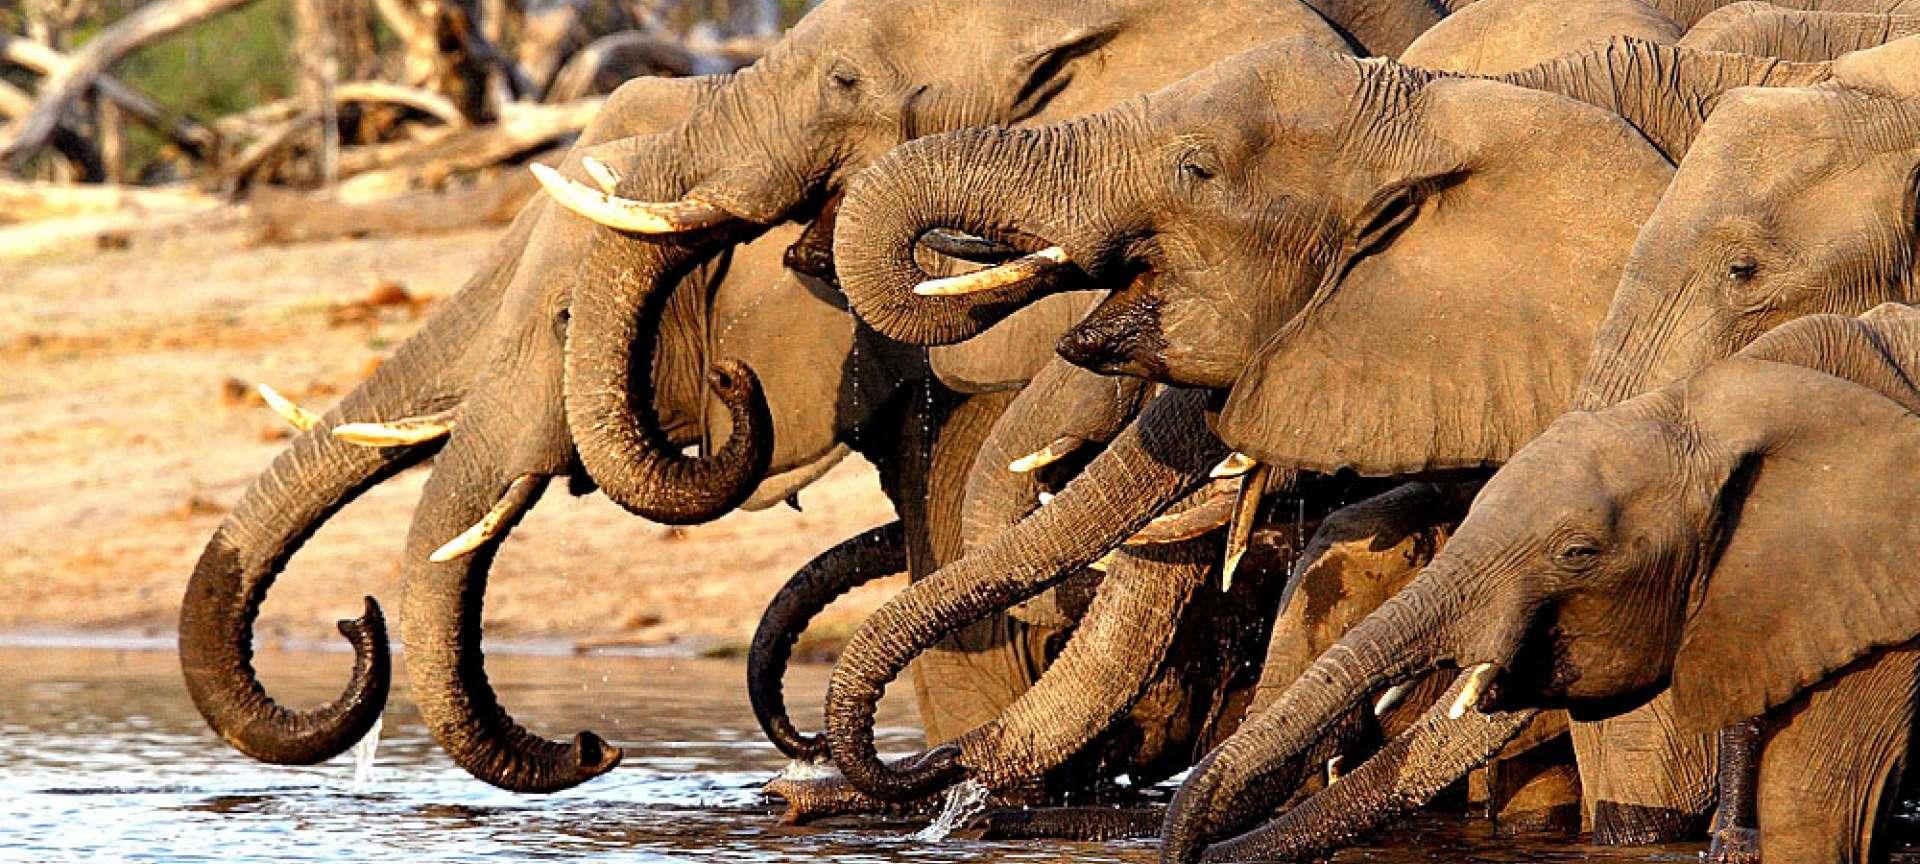 Linyanti Concession - Africa Wildlife Safaris